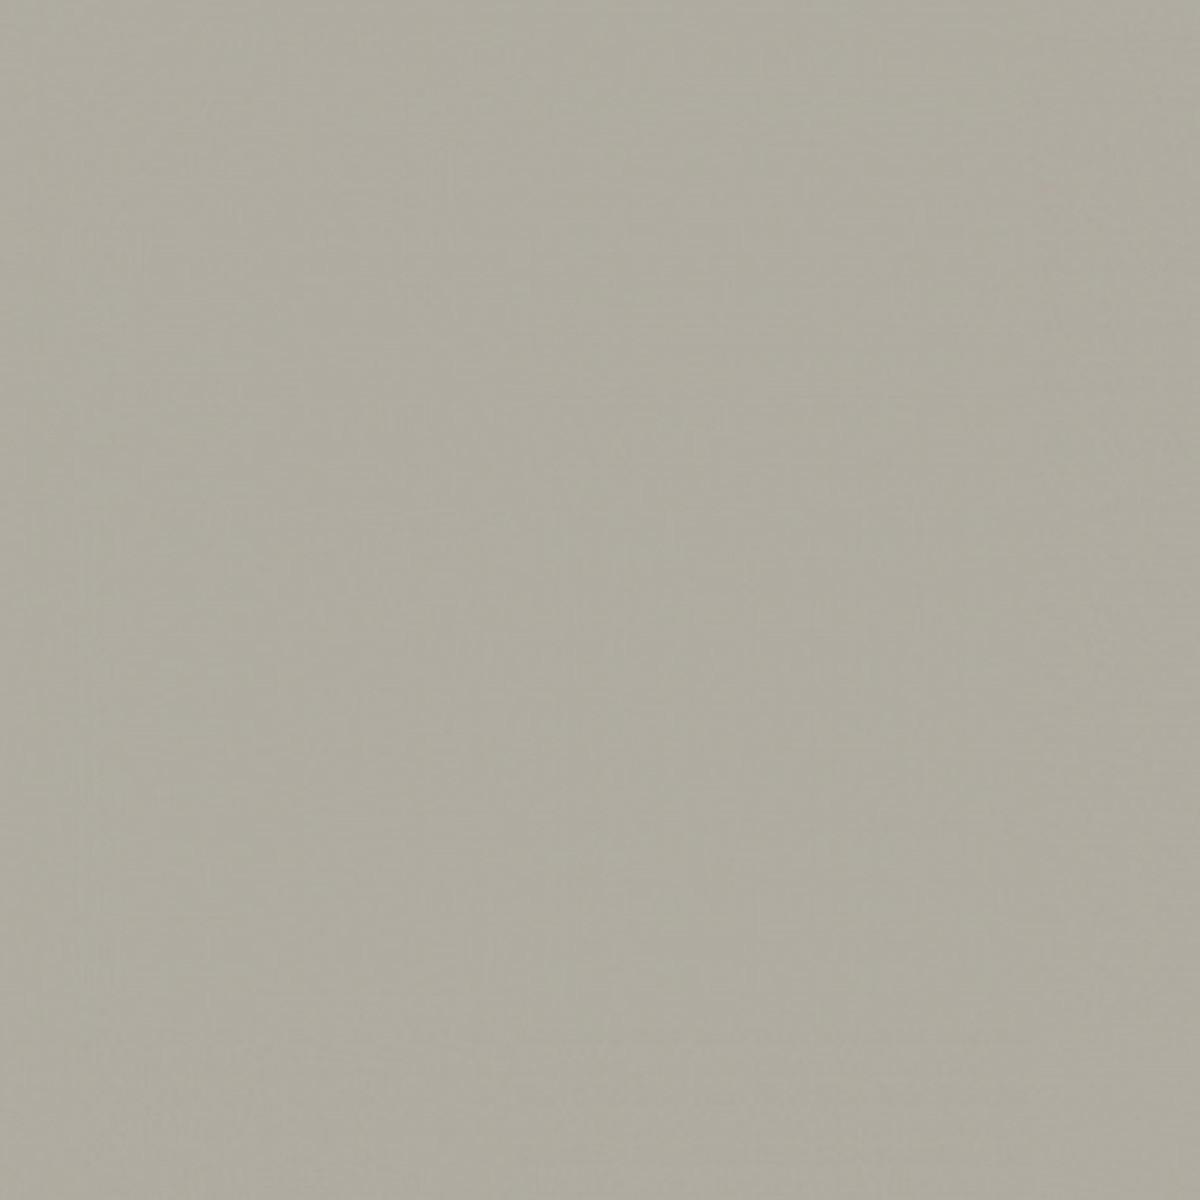 Обои флизелиновые Prospero Raw Elegance серые 0.53 м 343-346614